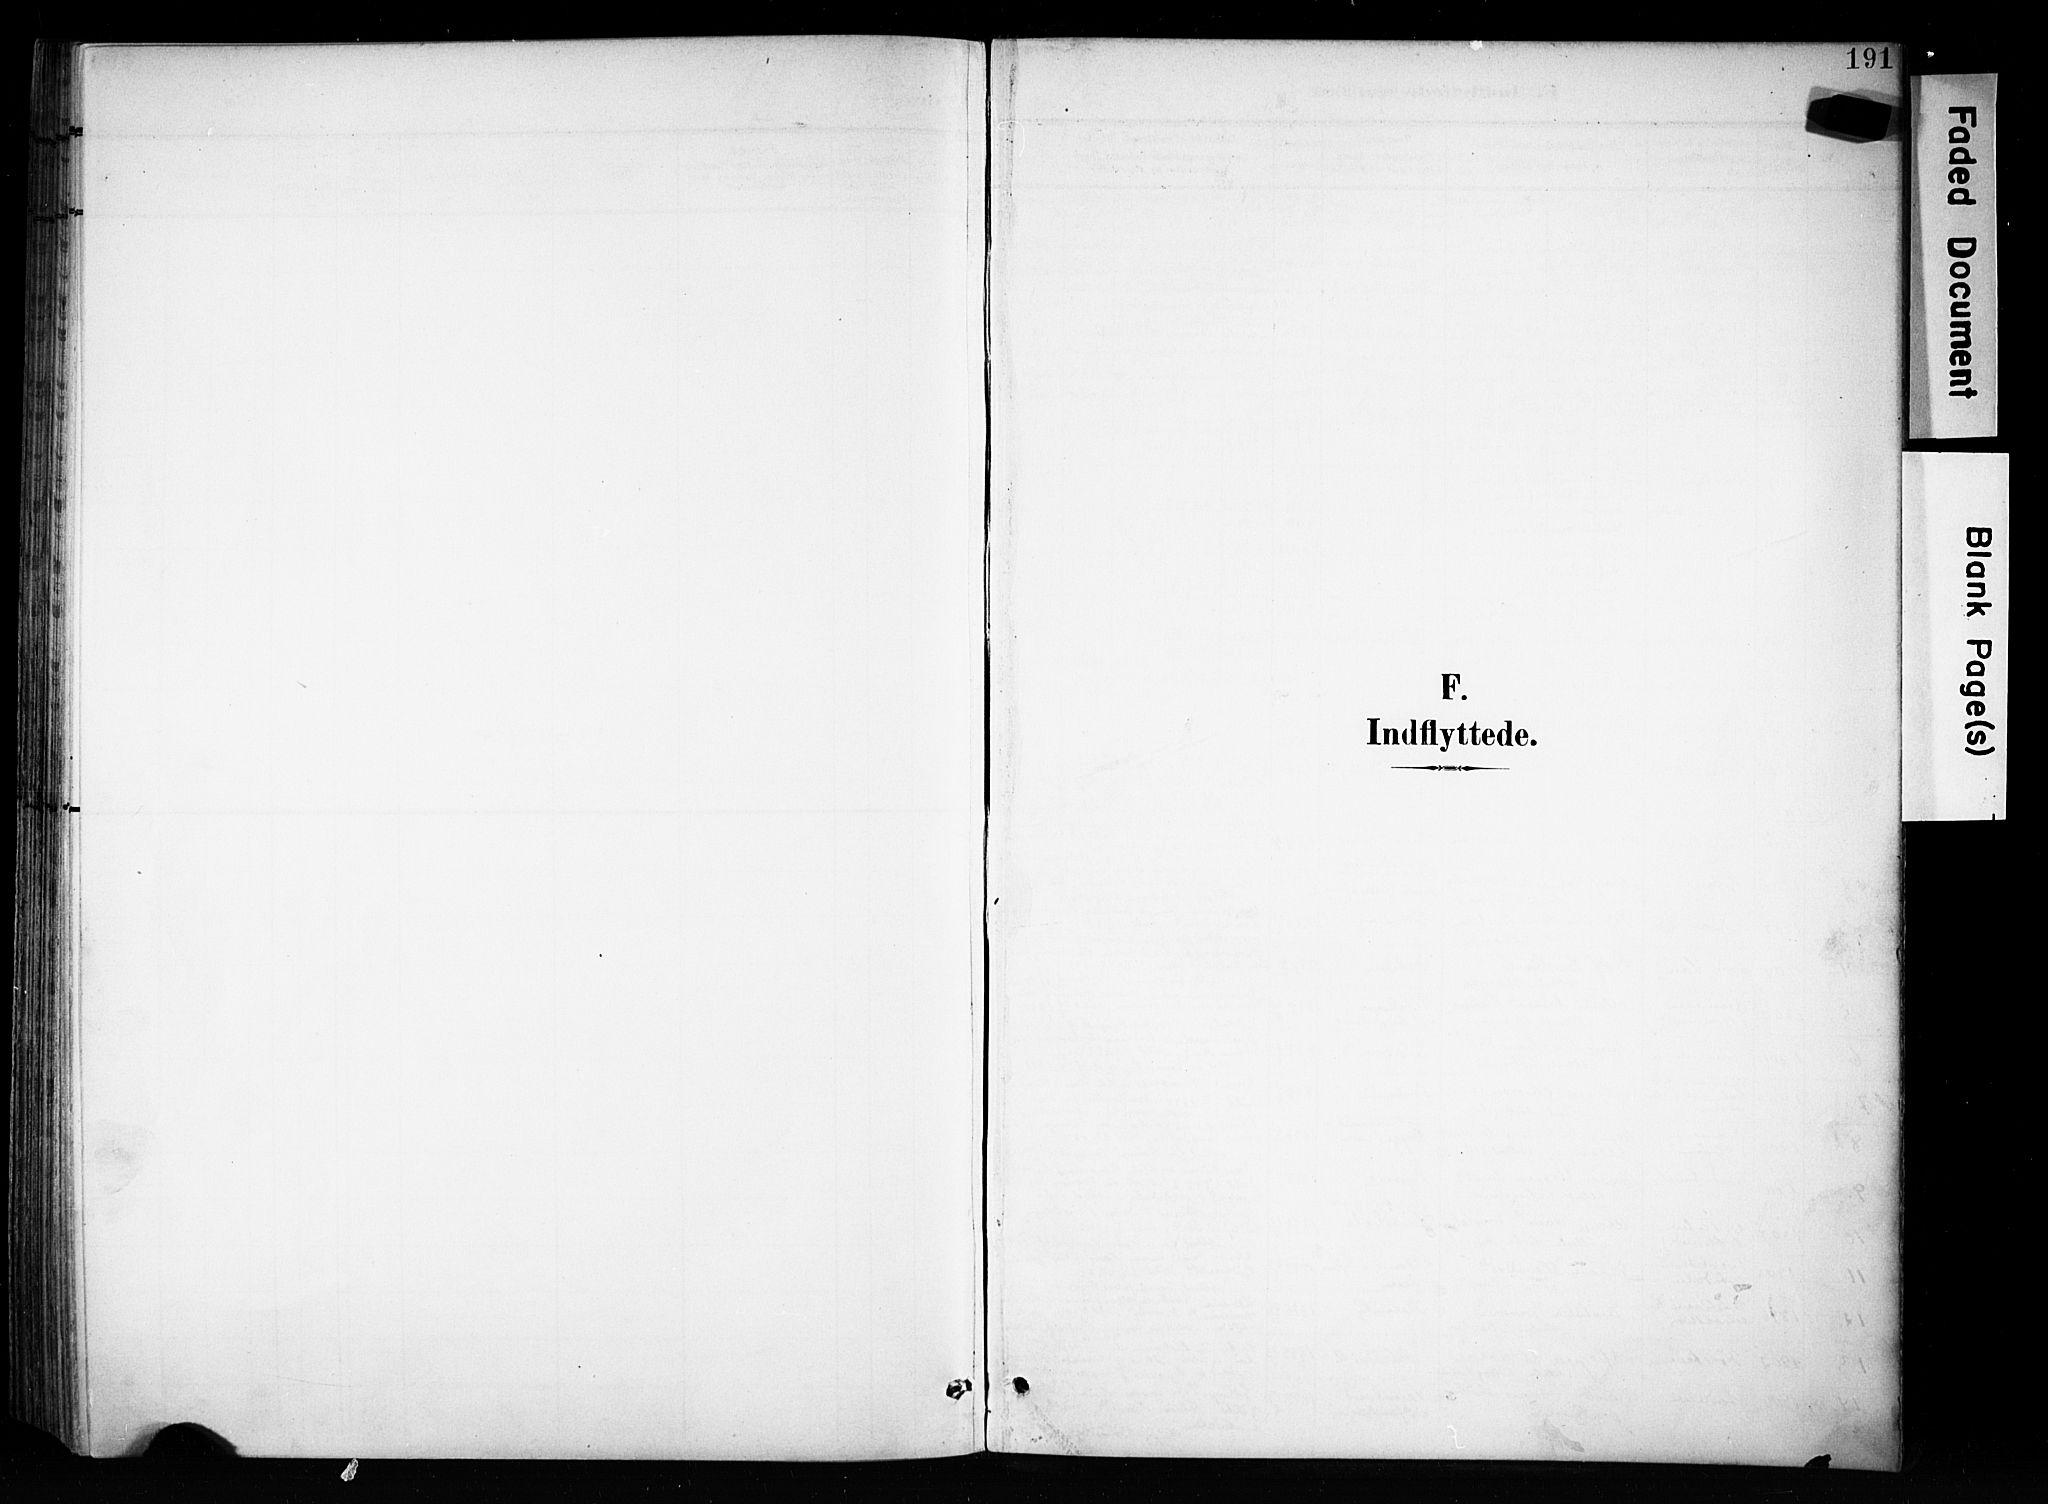 SAH, Brandbu prestekontor, Ministerialbok nr. 1, 1900-1912, s. 191